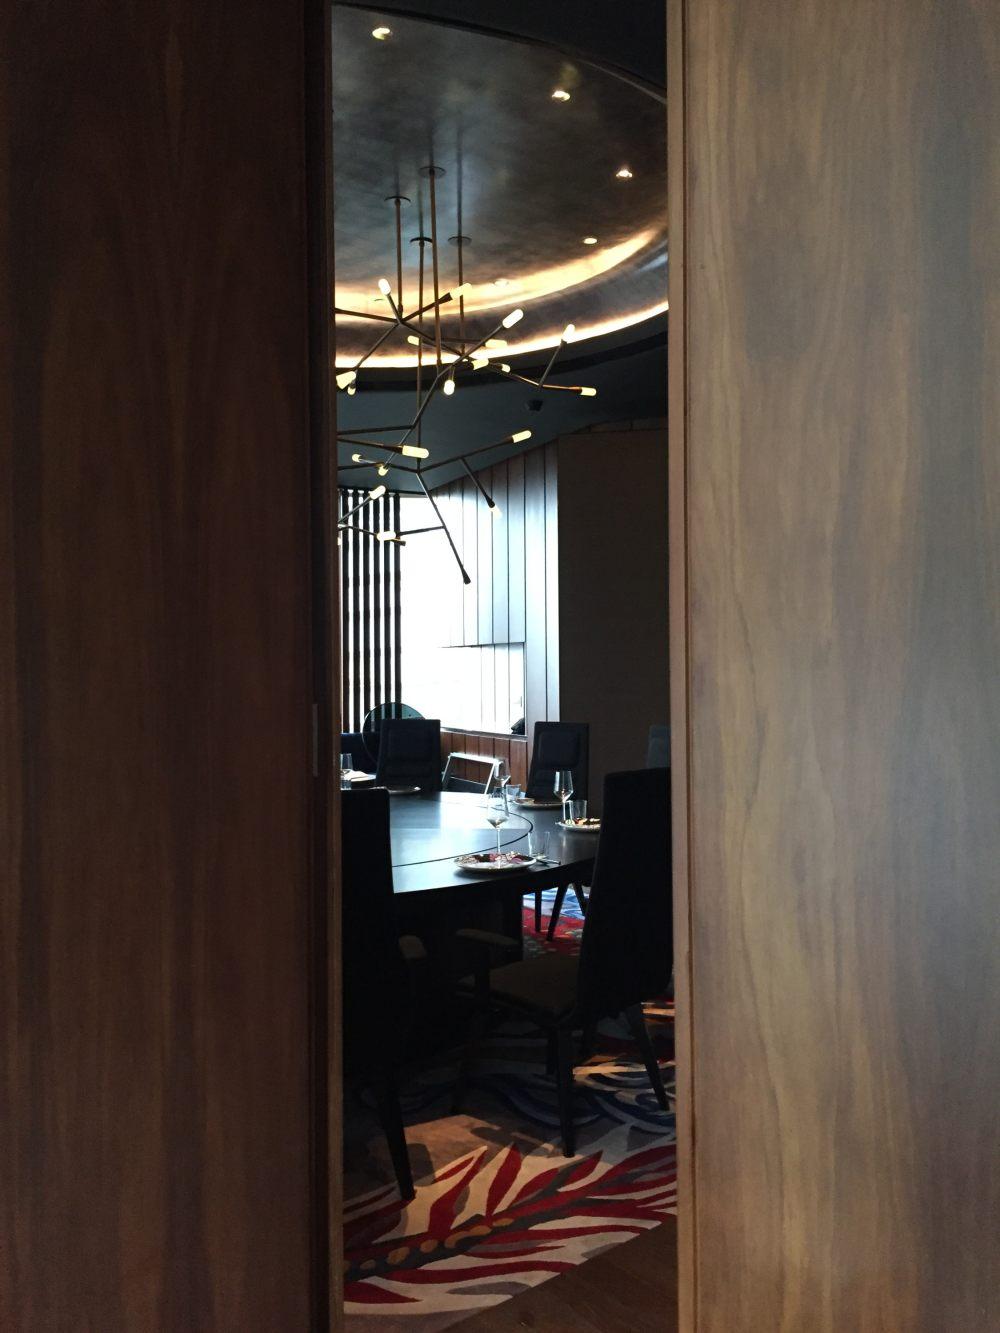 上海外滩W酒店,史上最全入住体验 自拍分享,申请置...._IMG_6291.JPG